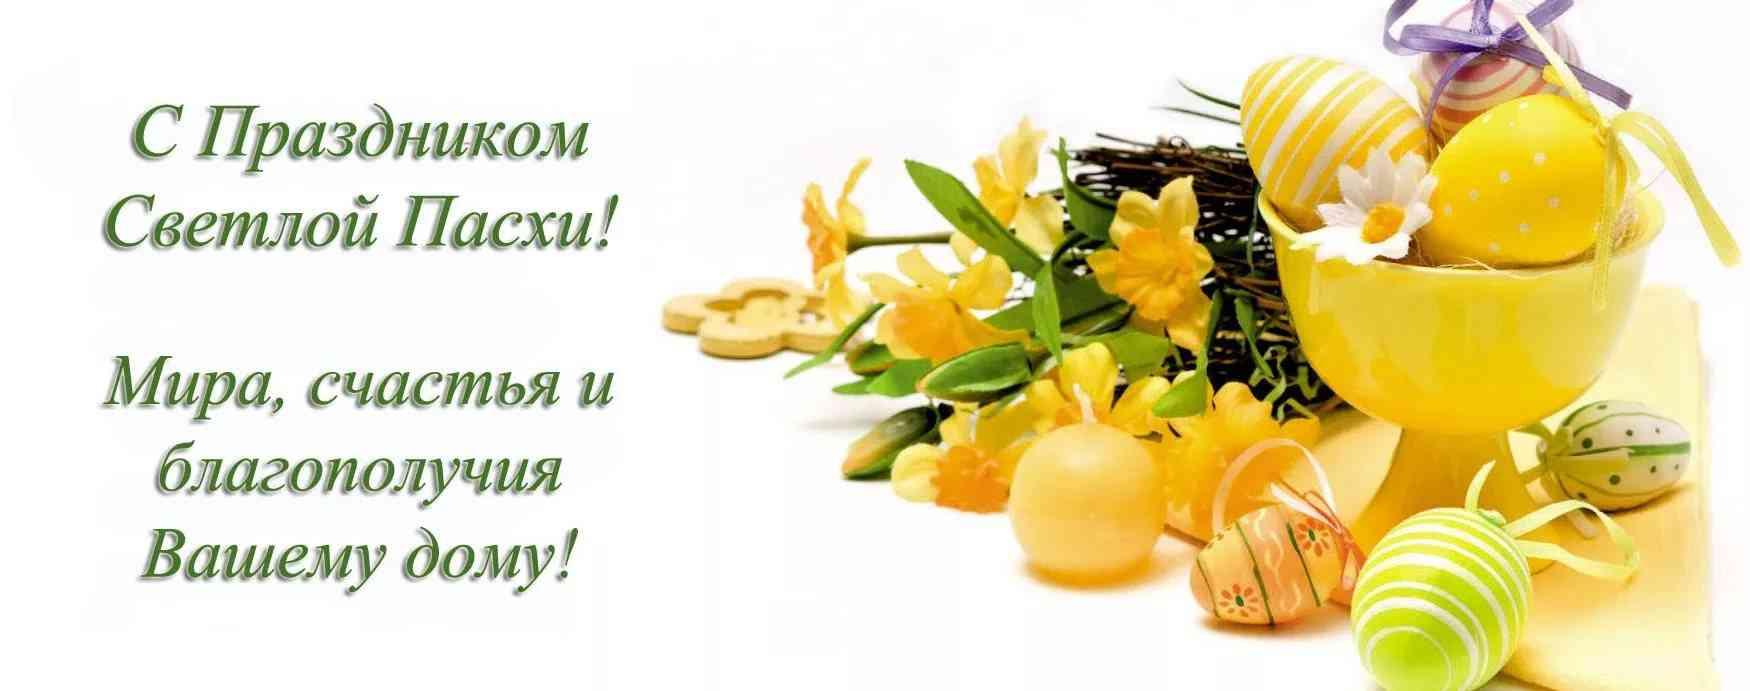 поздравление с праздником Пасхи